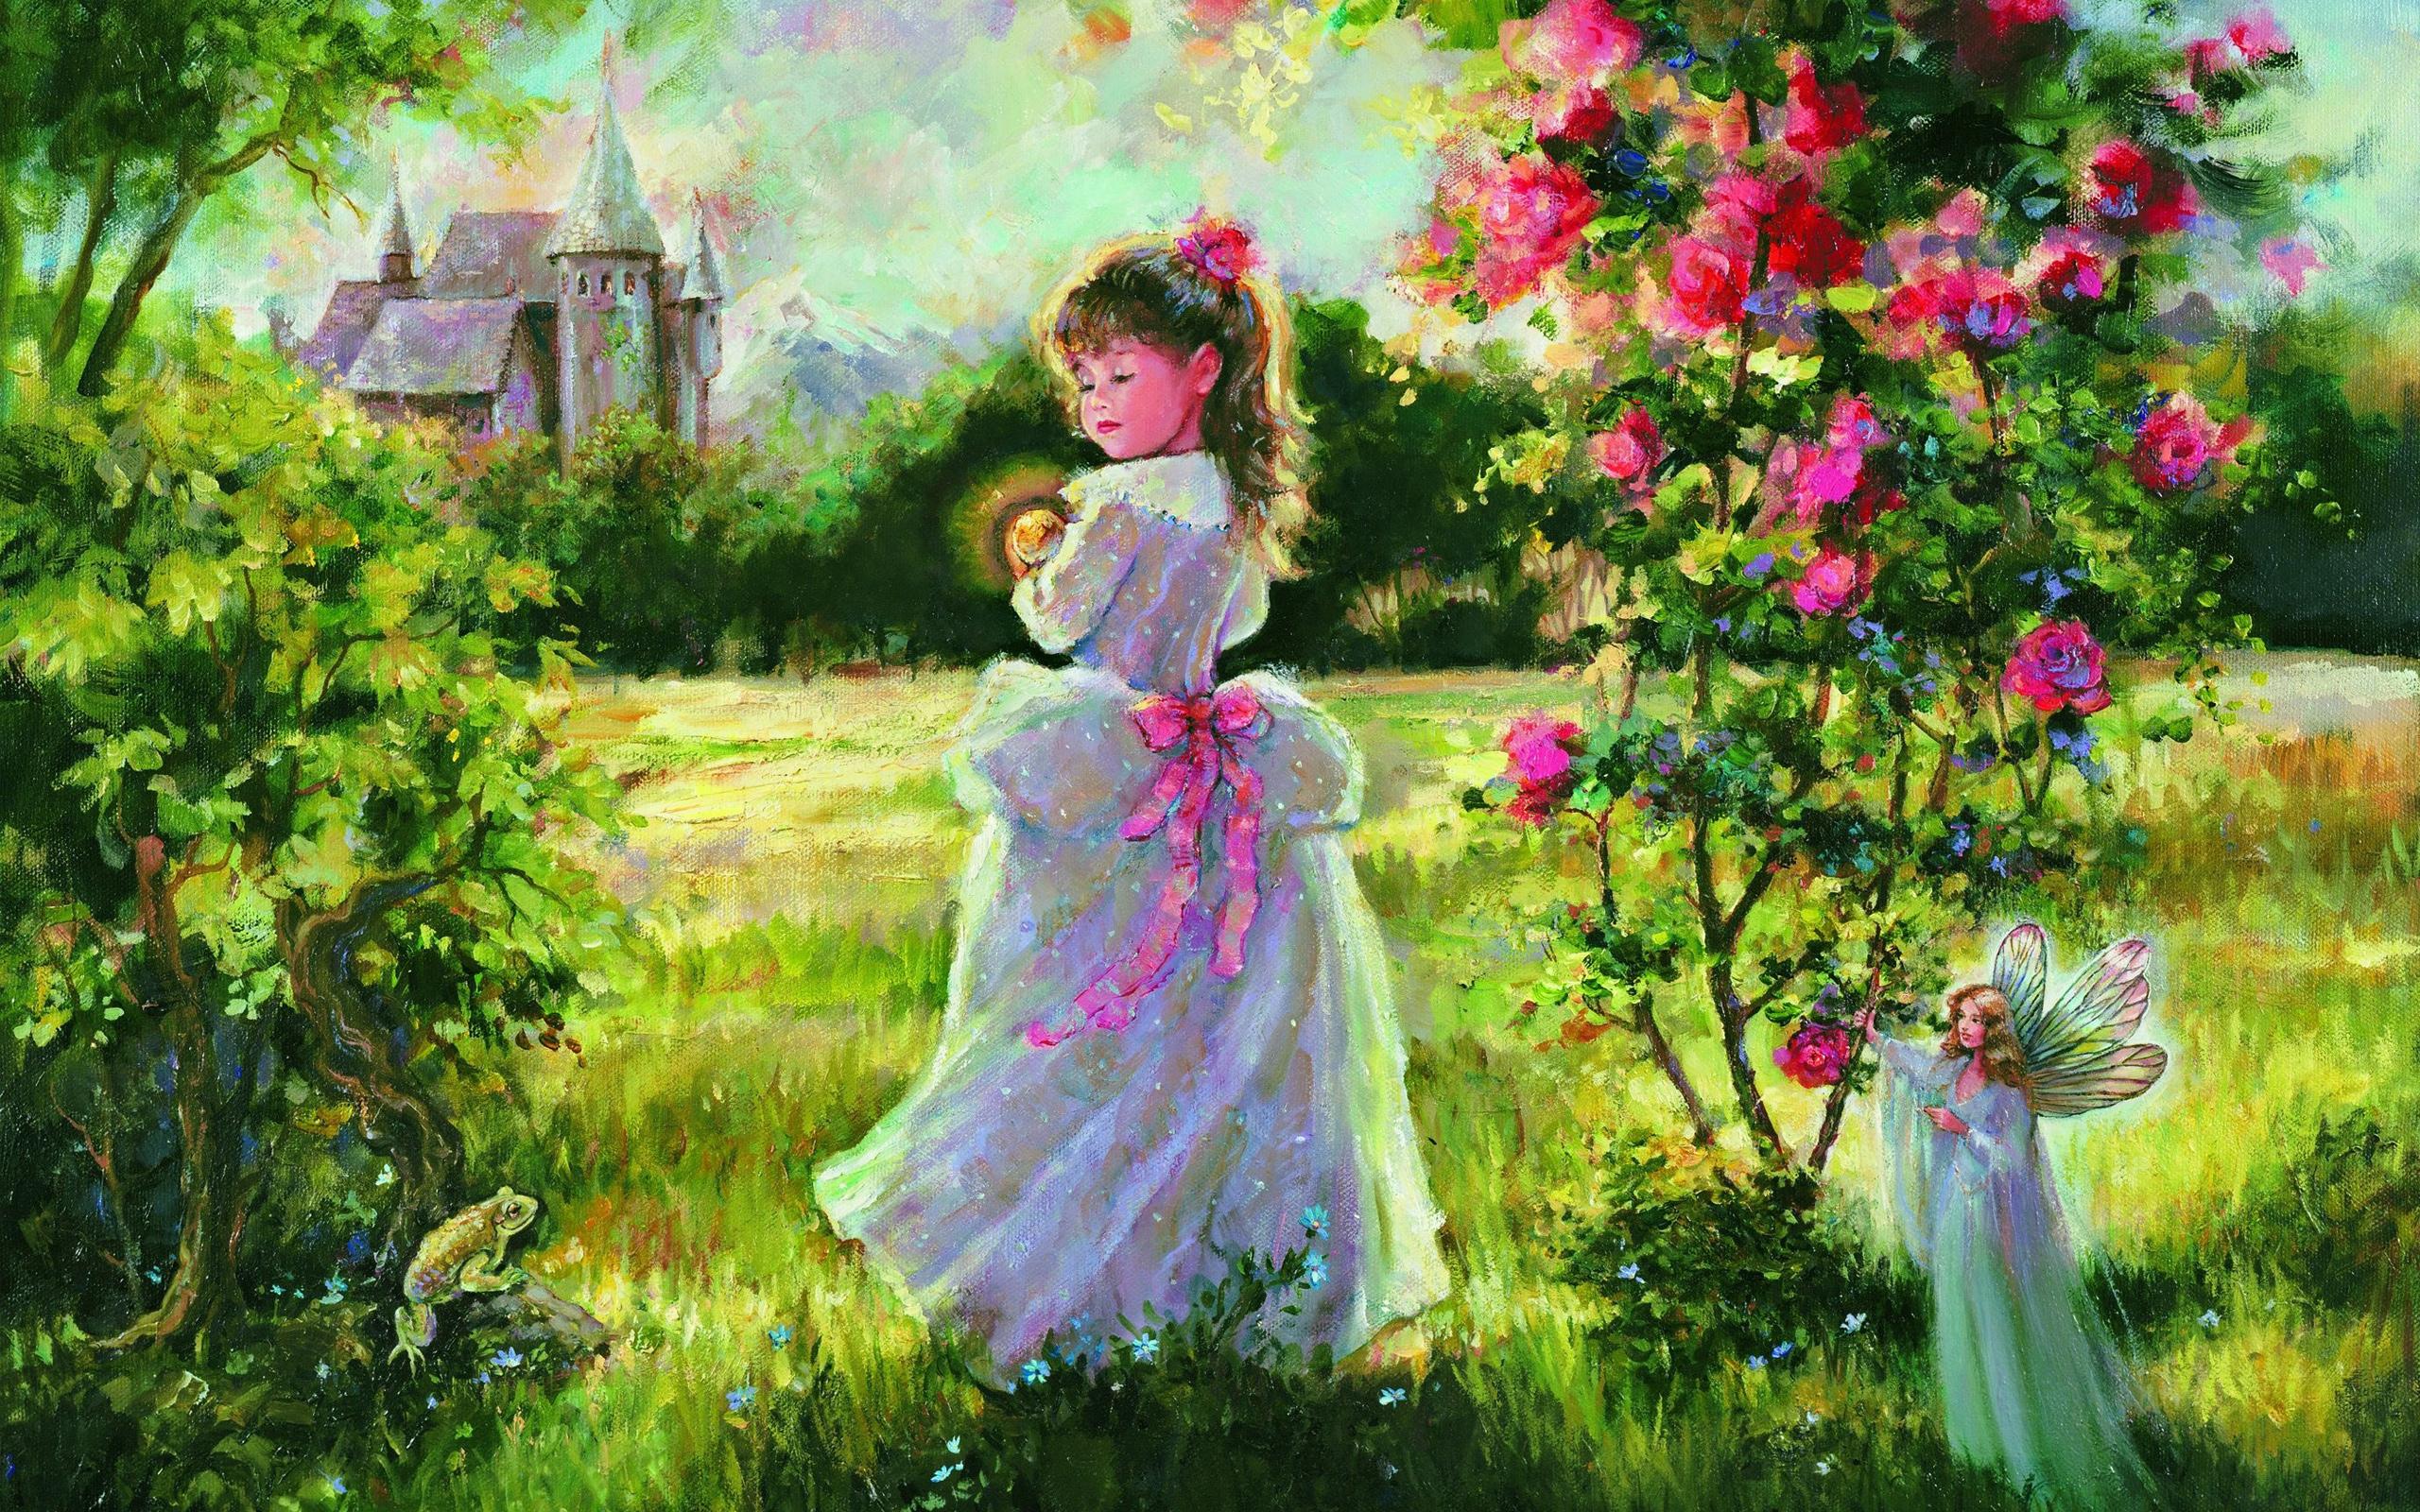 wallpaper fairy cute girl bond, cute, fairy, girl